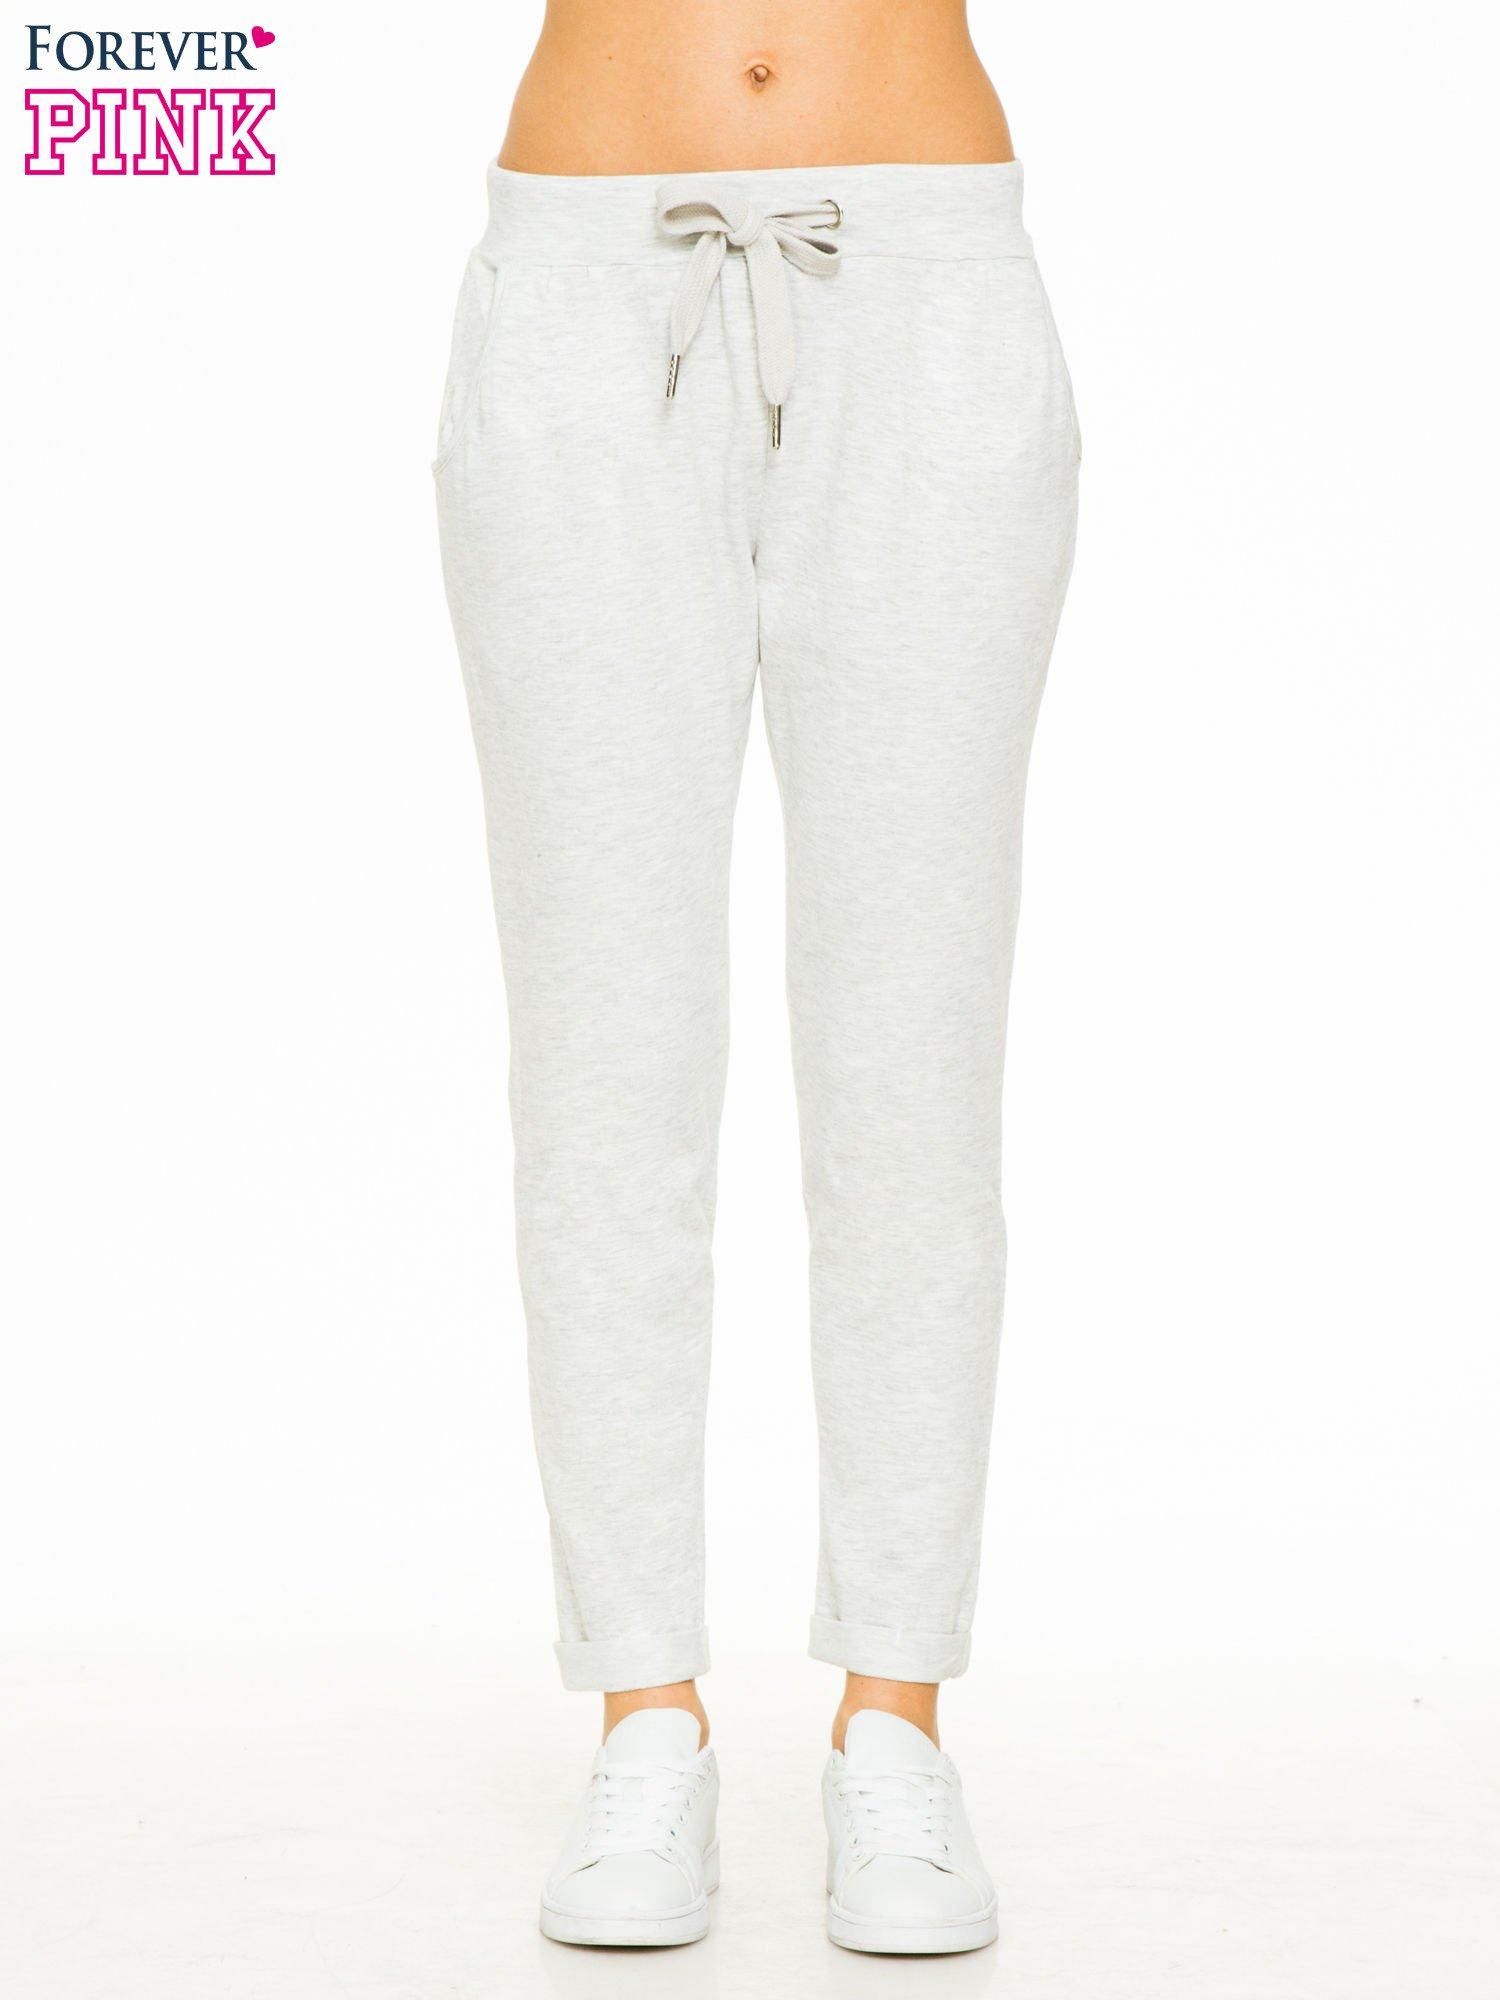 Jasnoszare spodnie dresowe z wywijanymi nogawkami                                  zdj.                                  1